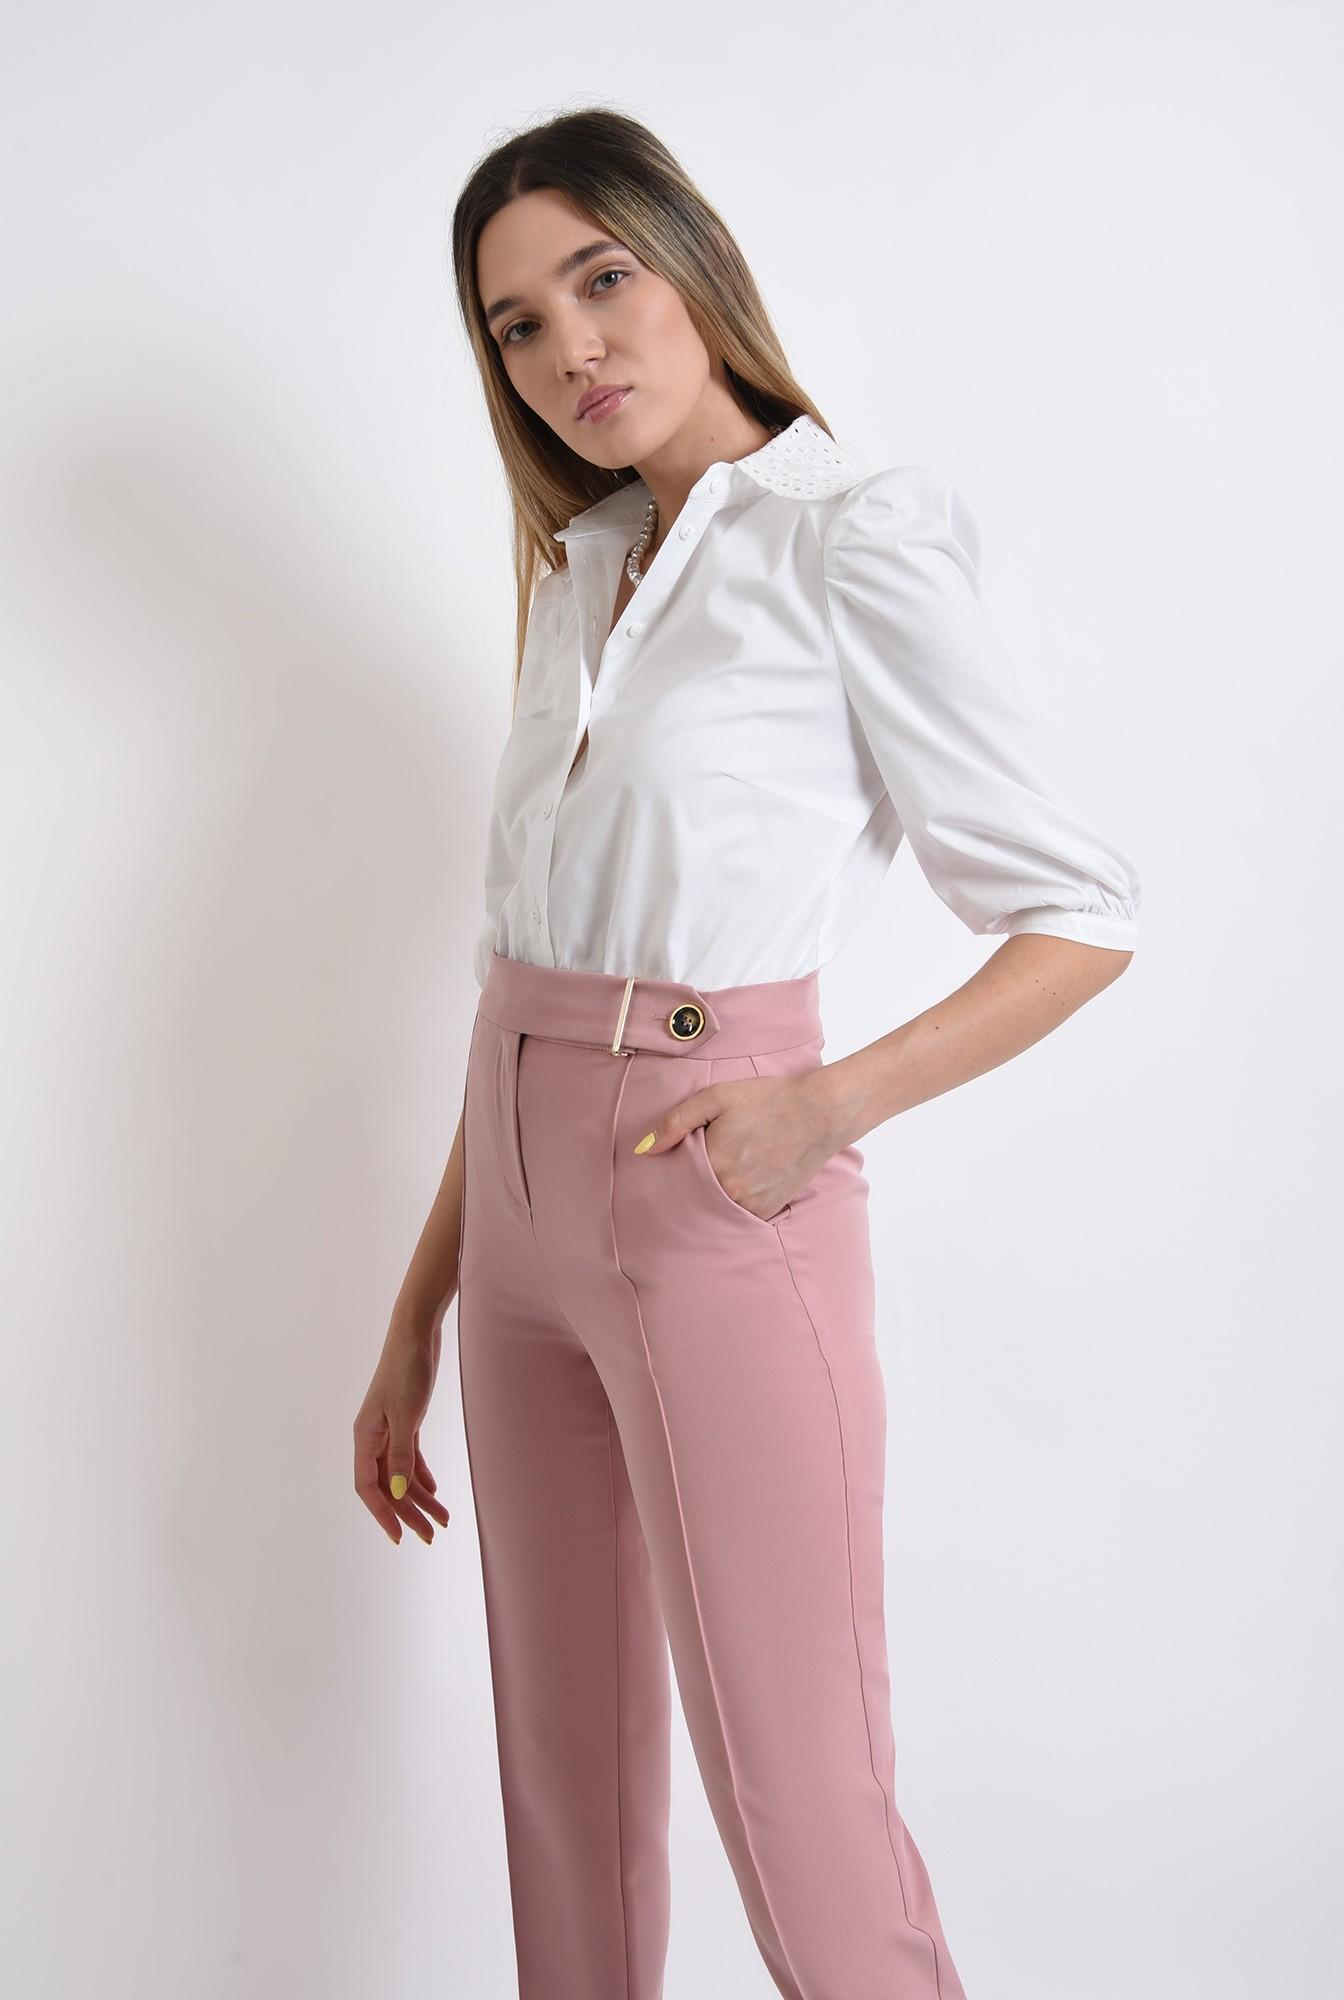 0 -  pantaloni roz, conici, office, casual, pantaloni pana